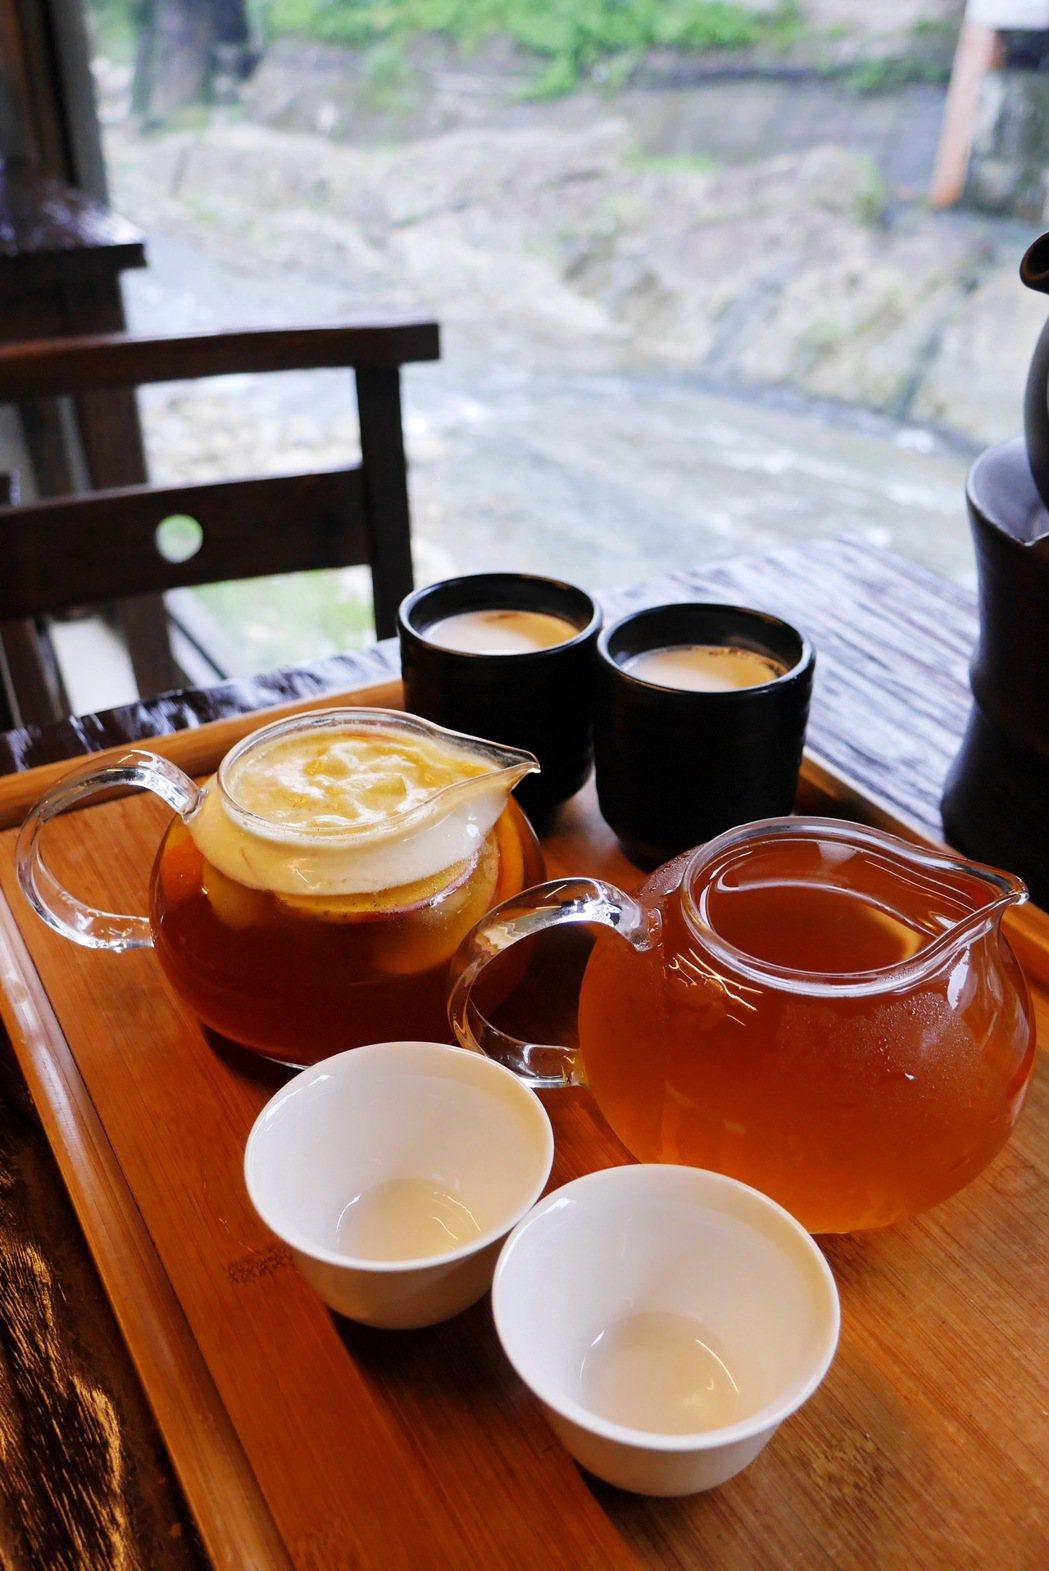 造訪石碇,一定不能錯過文山茶及東方美人茶。 記者陳威任/攝影